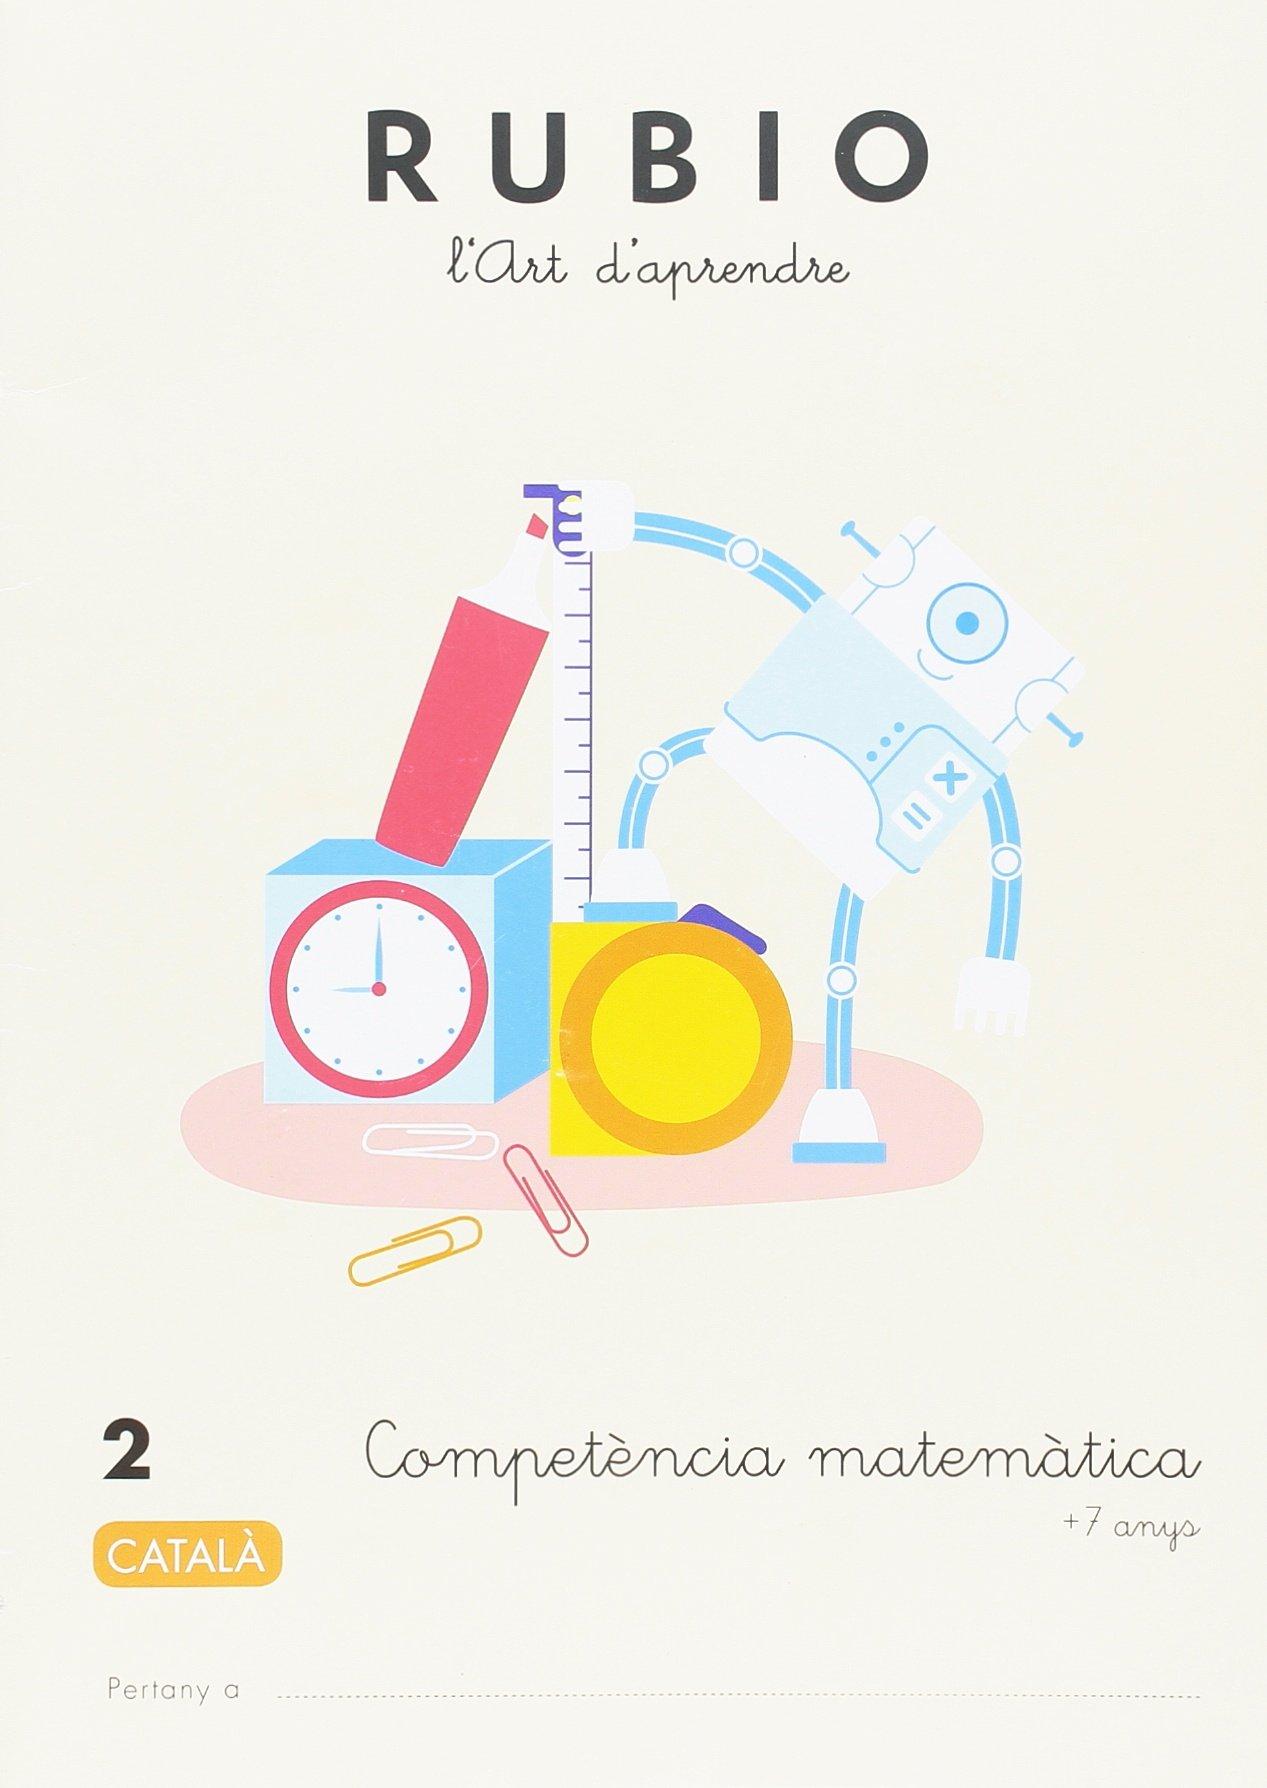 COMPETÈNCIA MATEMÁTICA 2: Amazon.es: S.L.U. ENRIQUE RUBIO POLO: Libros